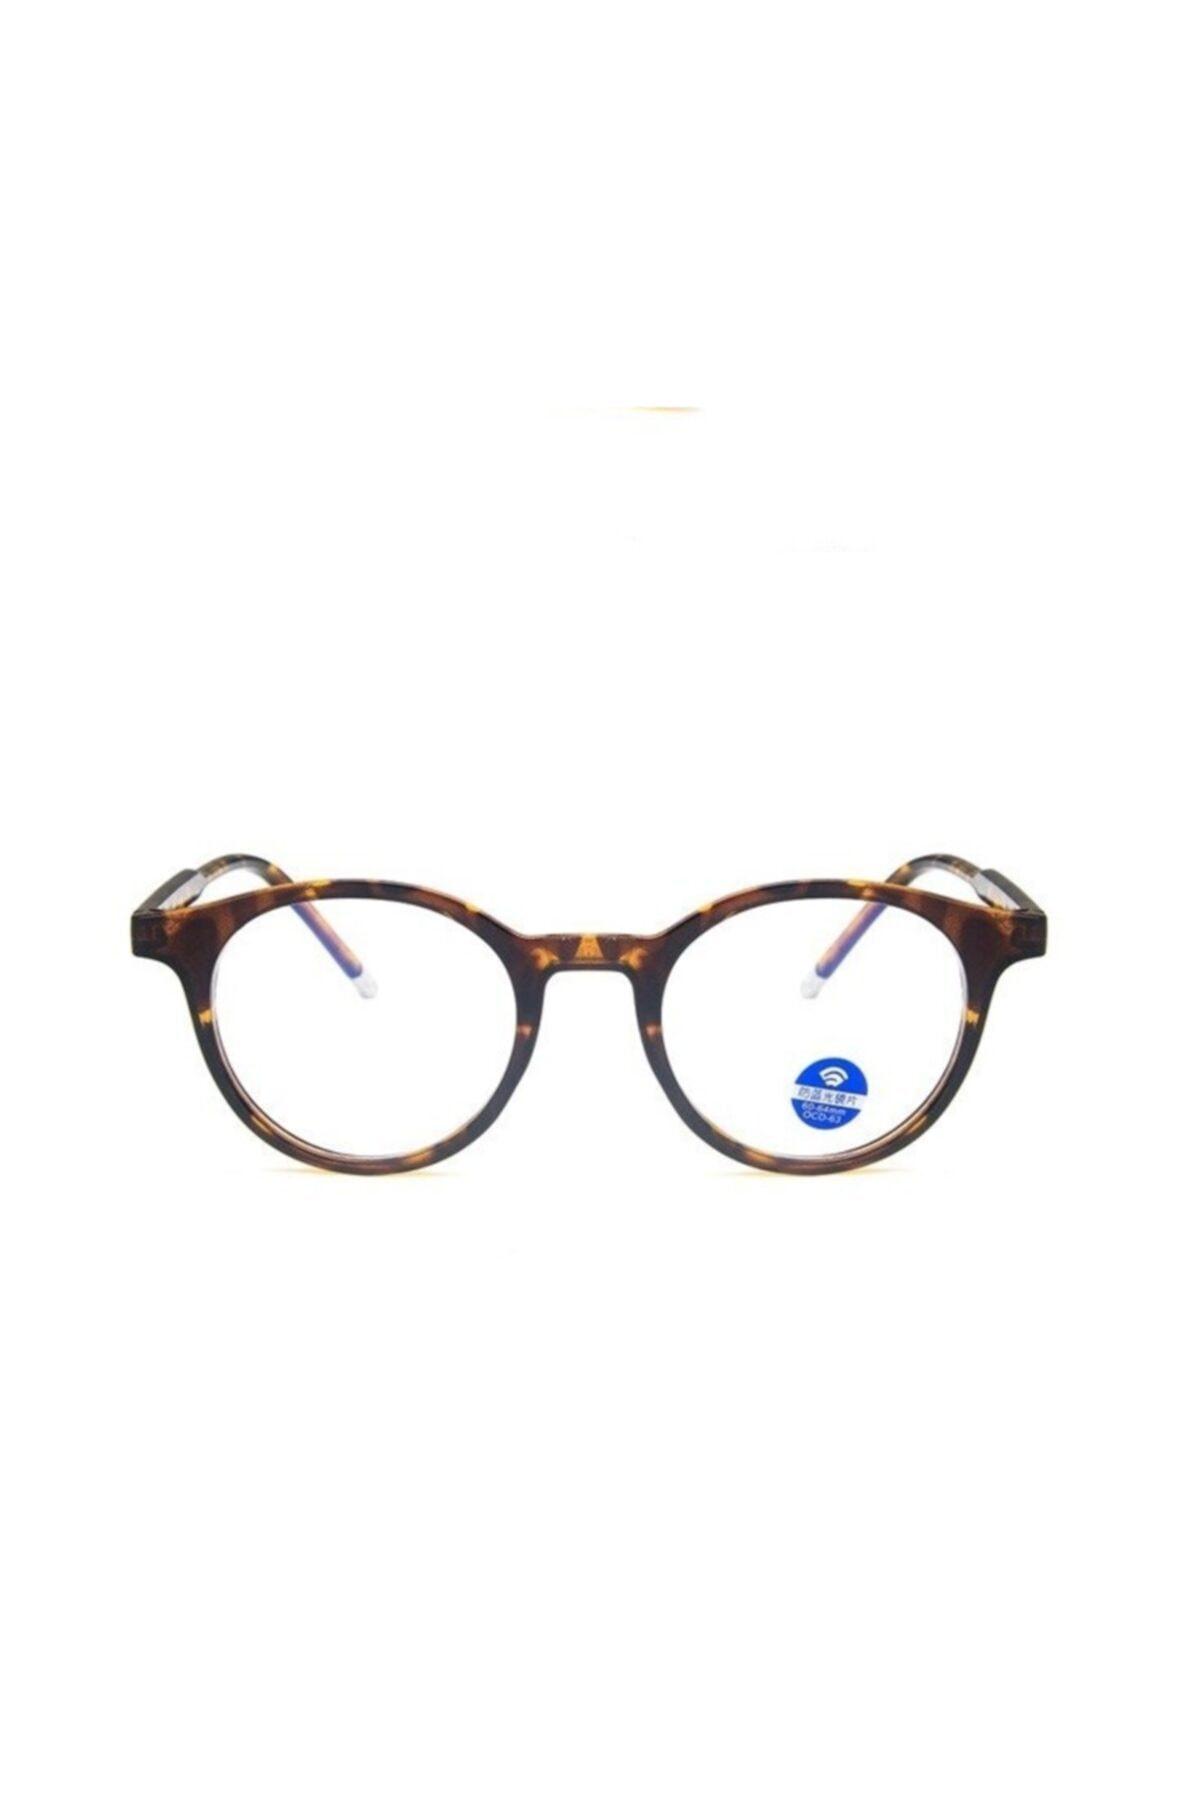 Müstesna Anti Blue-rays Mavi Işın Filtreli Tarz Bilgisayar Ekran Koruyucu Gözlük Oyuncu Çalışma Gözlüğü 2